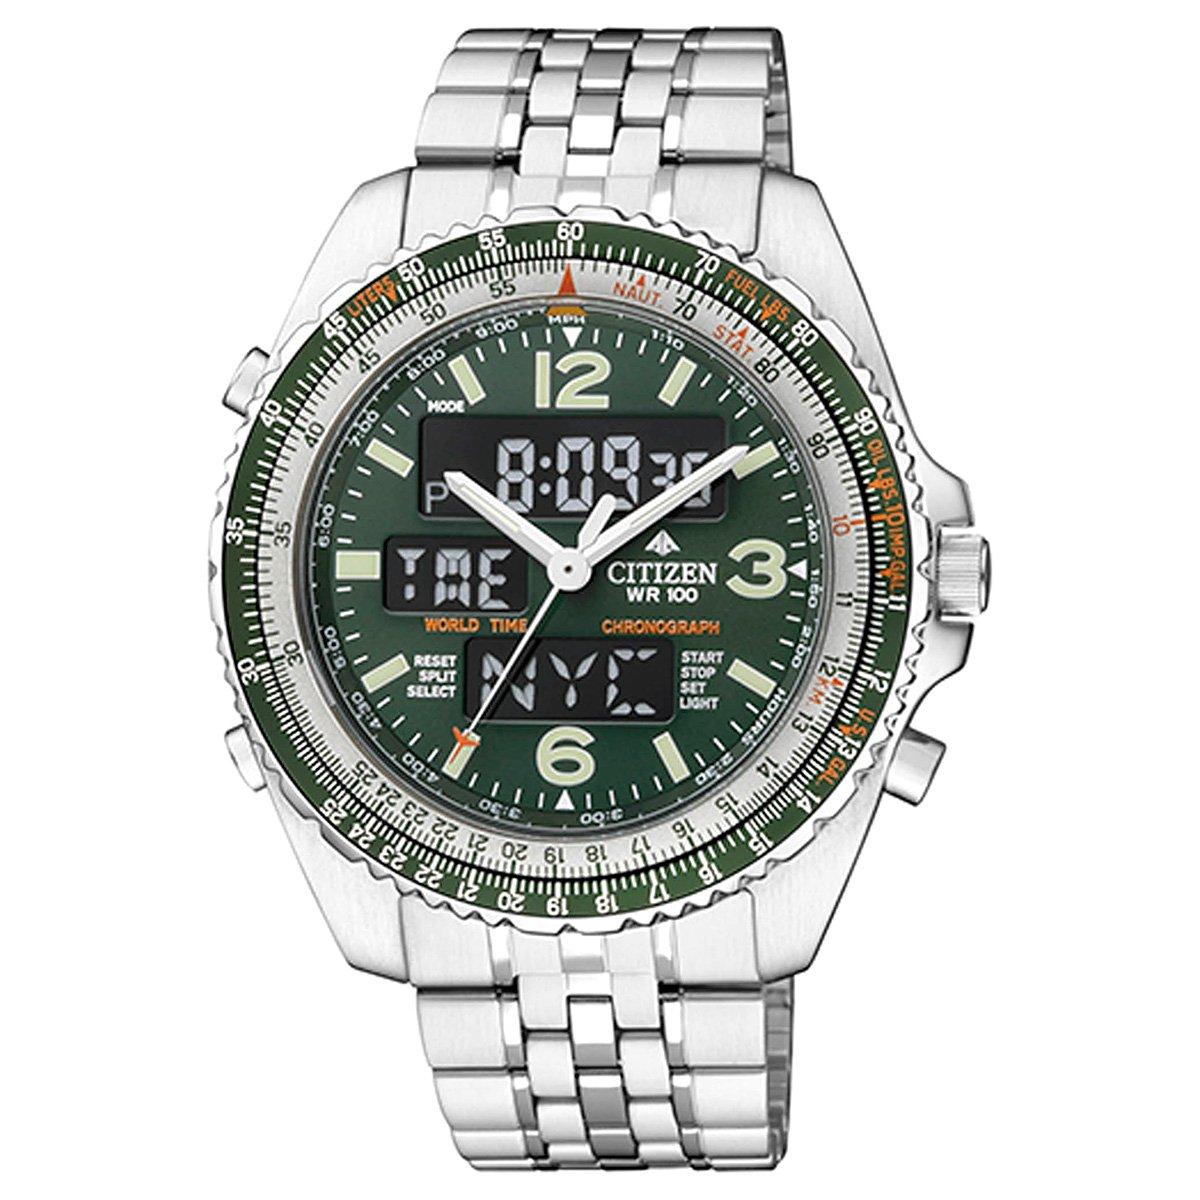 bebf2be195c Relógio Citizen Promaster TZ10075D Masculino - Compre Agora